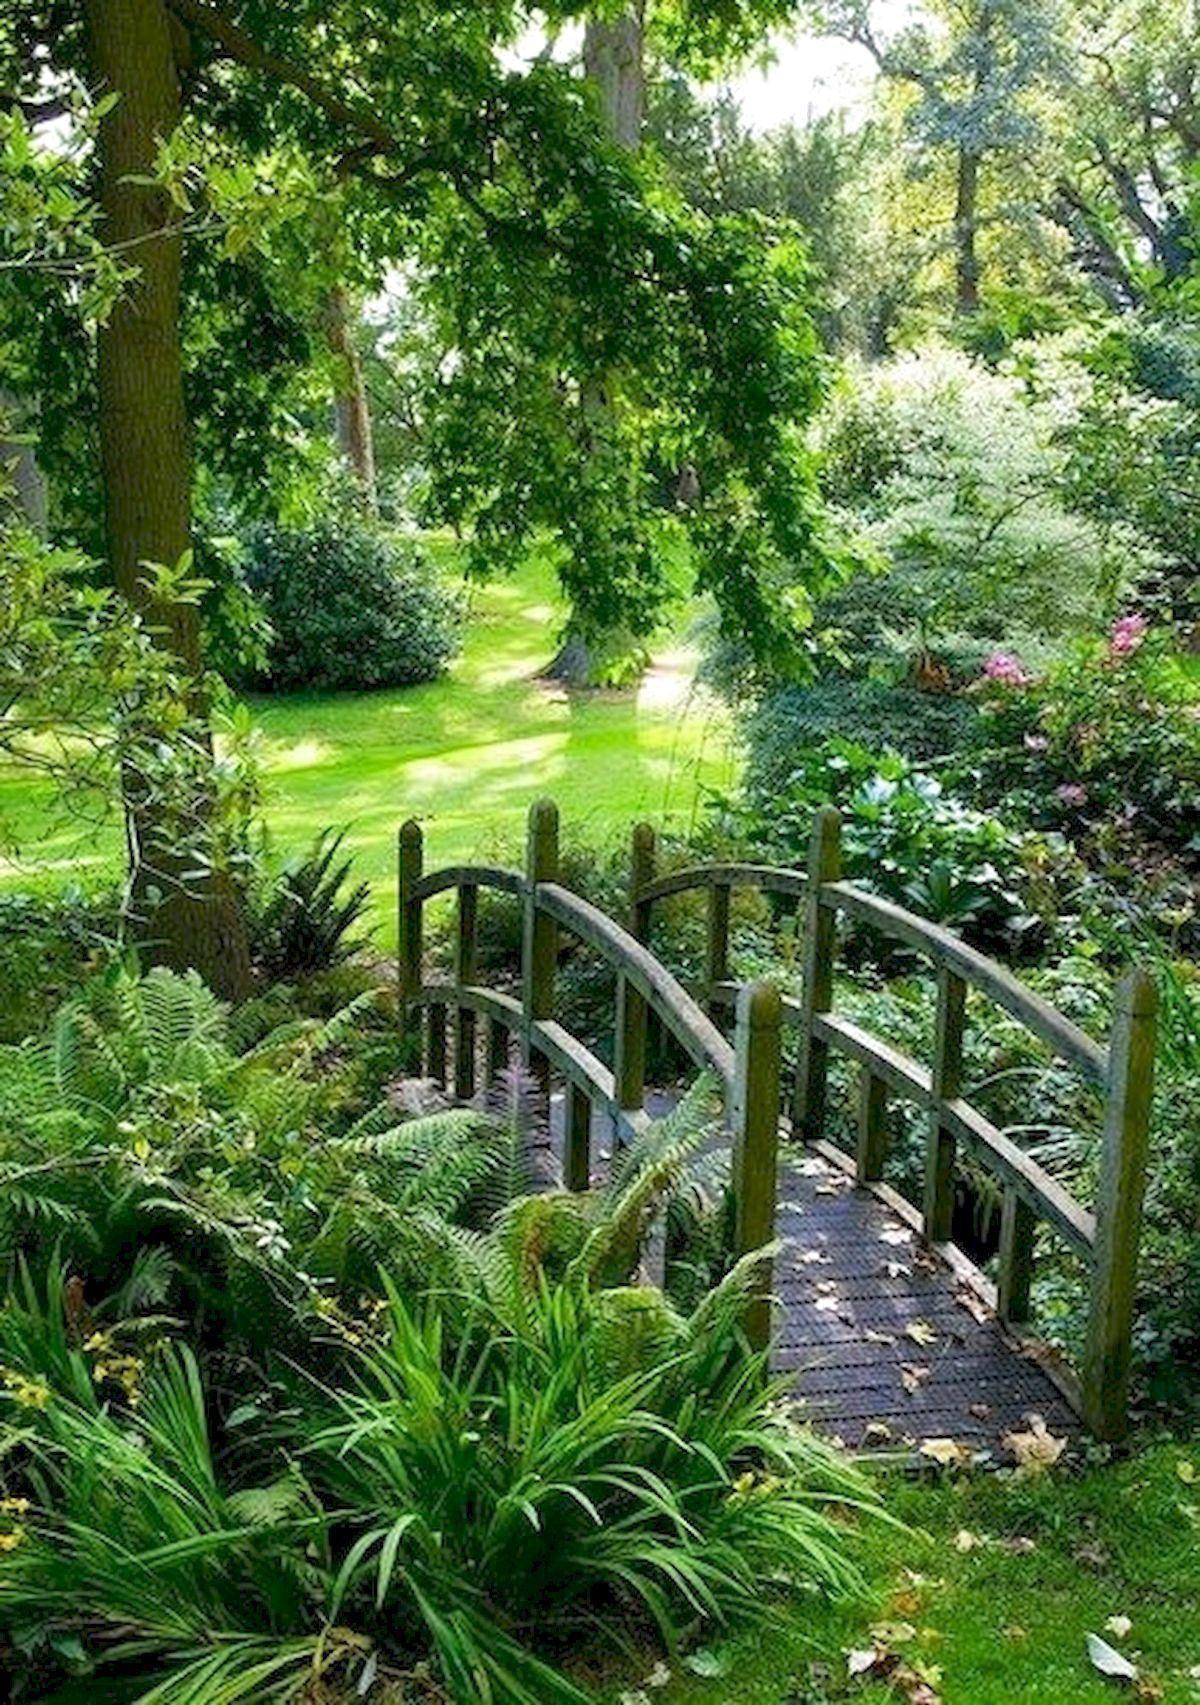 45 Beautiful Pinterest Garden Decor Ideas Gardendecor Beautiful Gardens Garden Inspiration Amazing Gardens